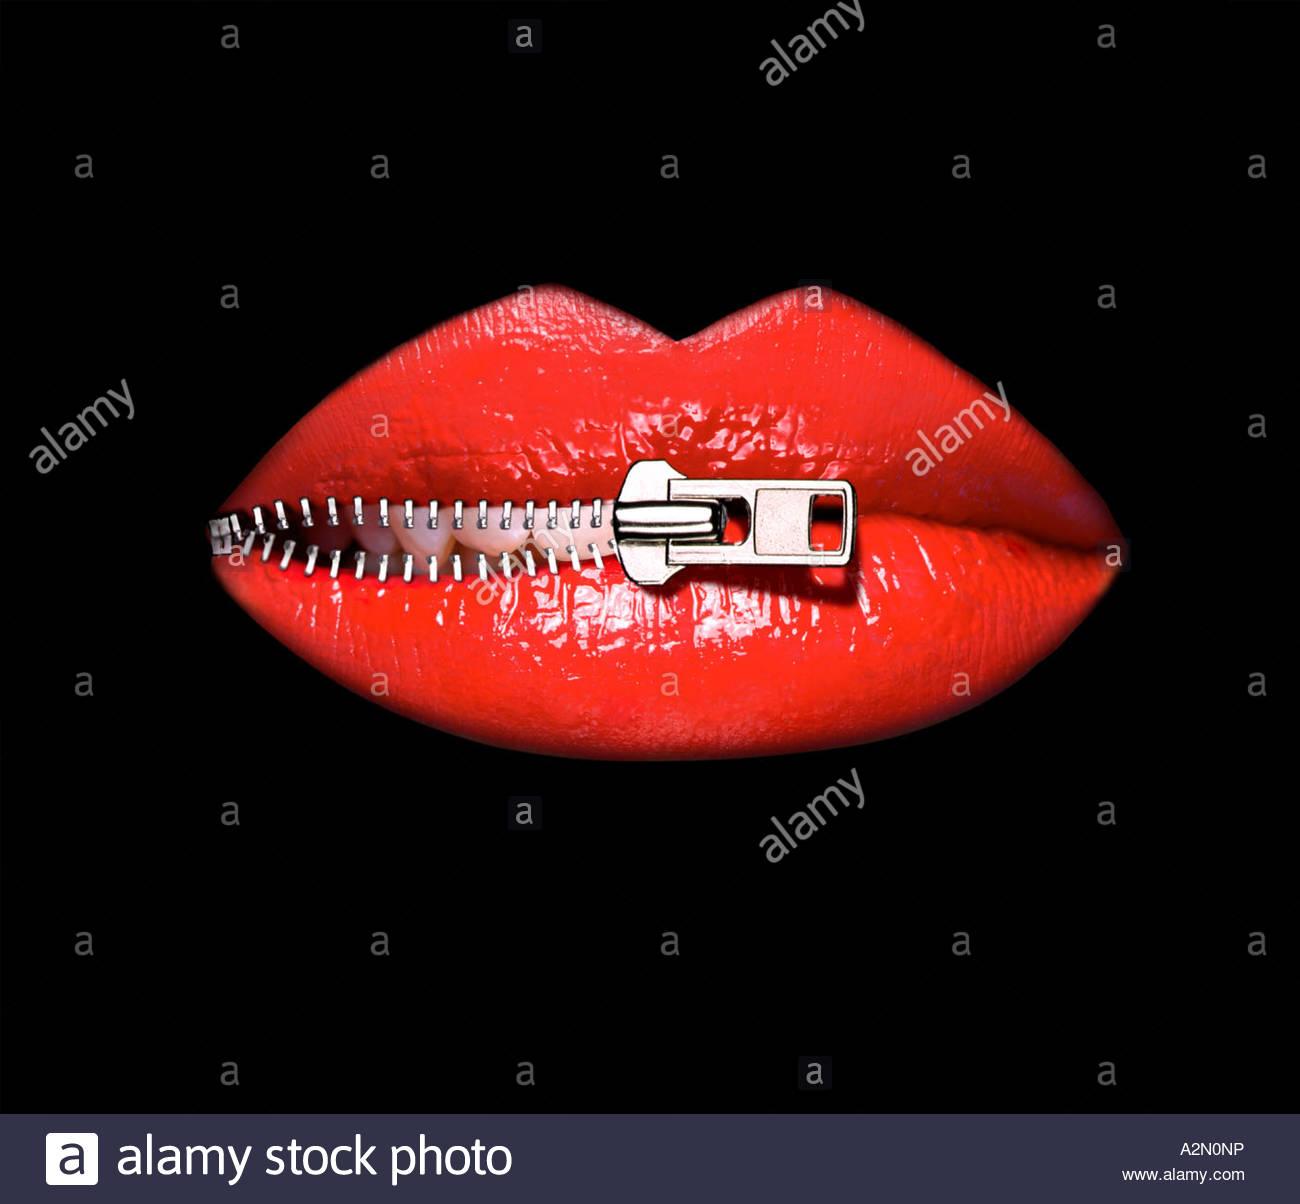 Imagen gráfica de labios de una mujer que se ha descomprimido. Close-up cut-out en un fondo negro Imagen De Stock